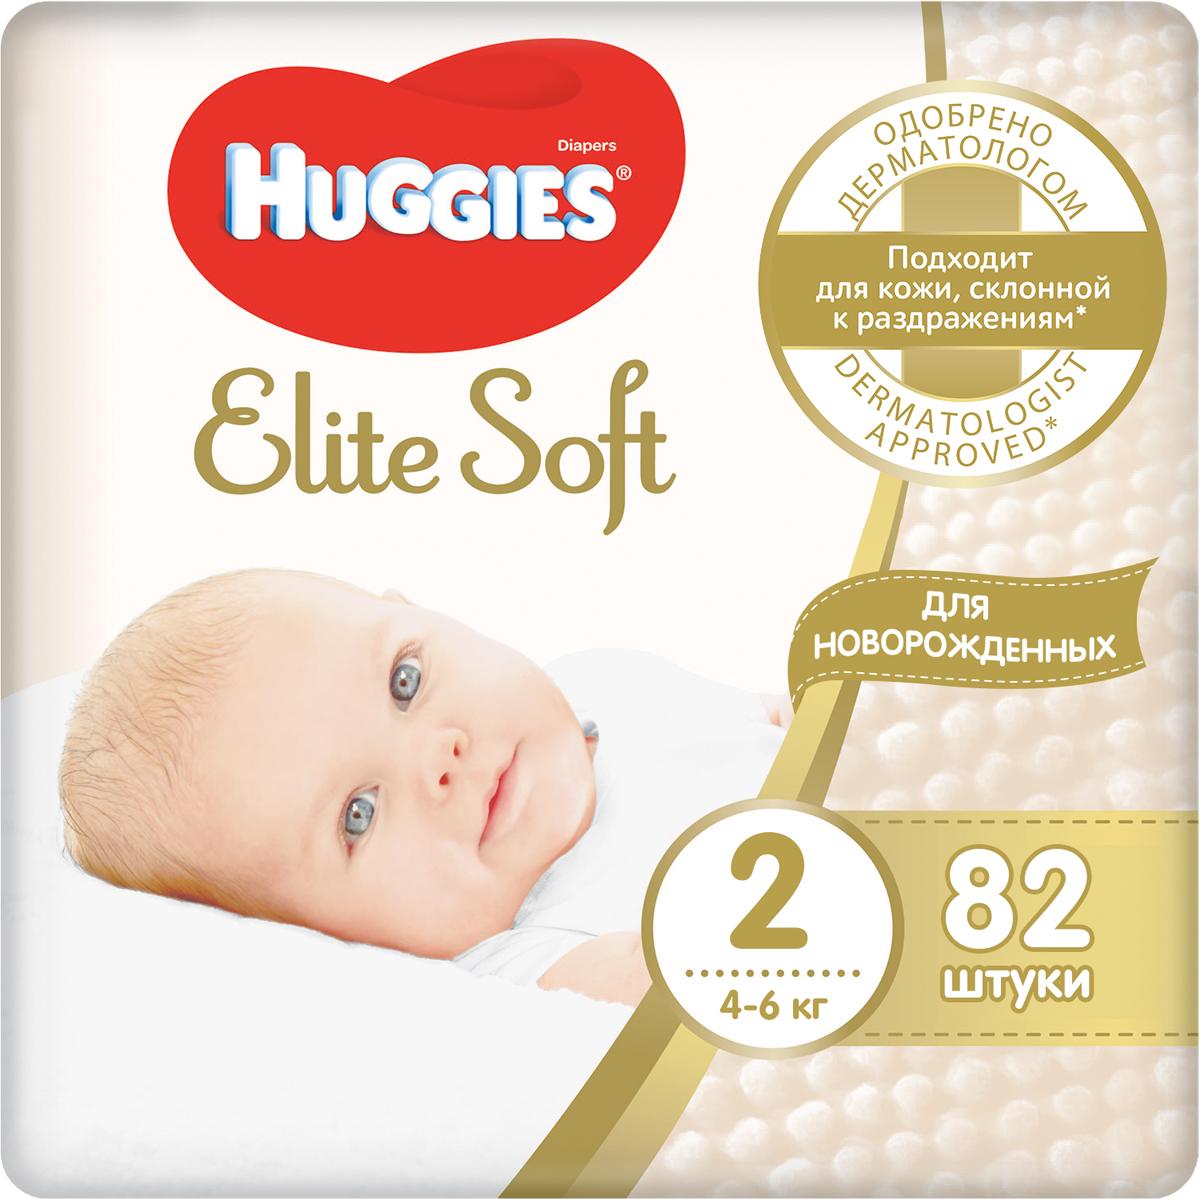 Подгузники Huggies, размер 2, 4-6 кг, 9400123, 82 шт